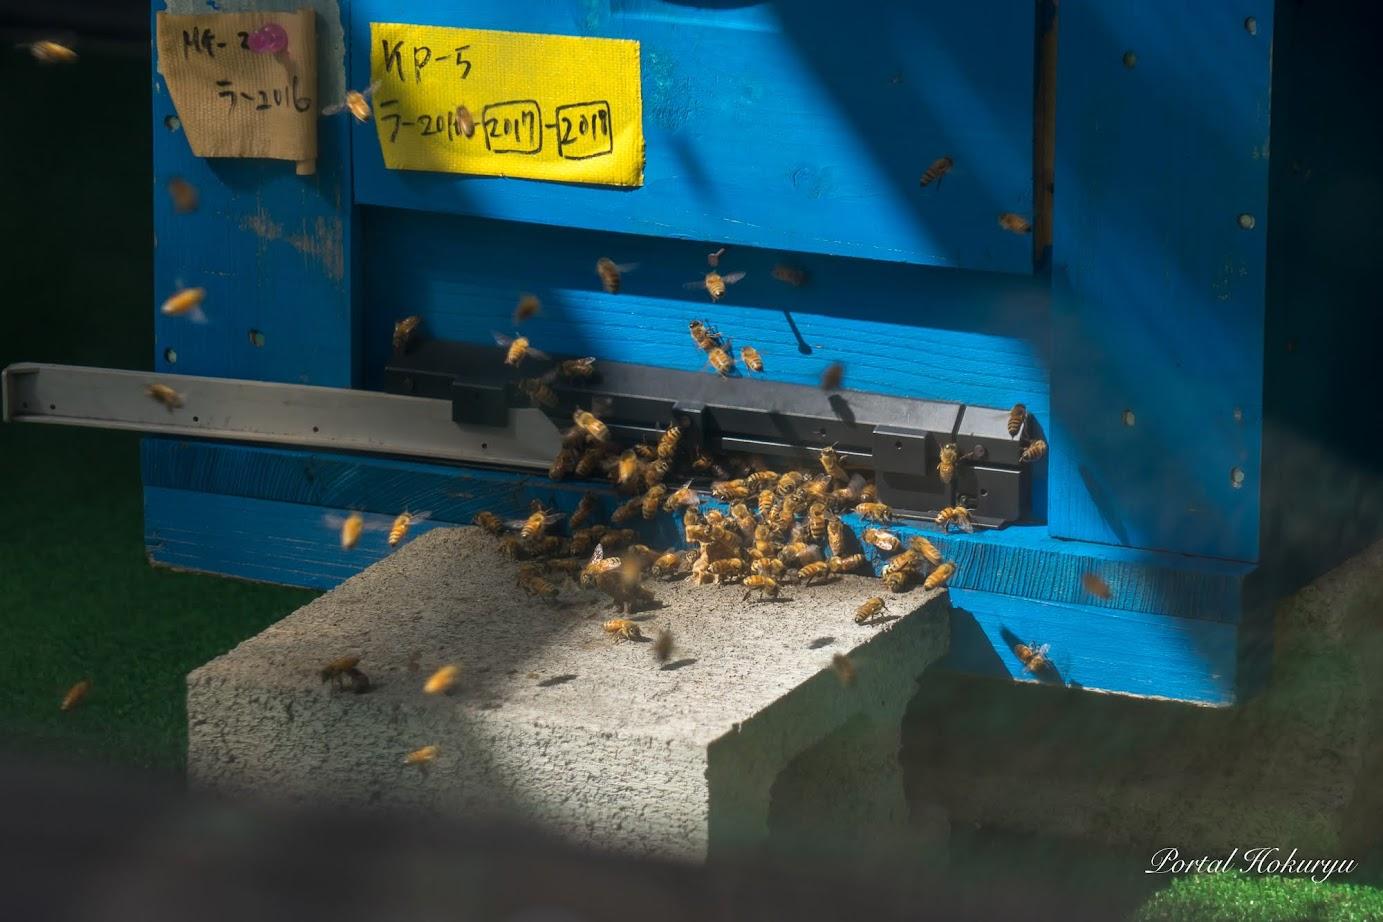 入り口で門番をするミツバチ